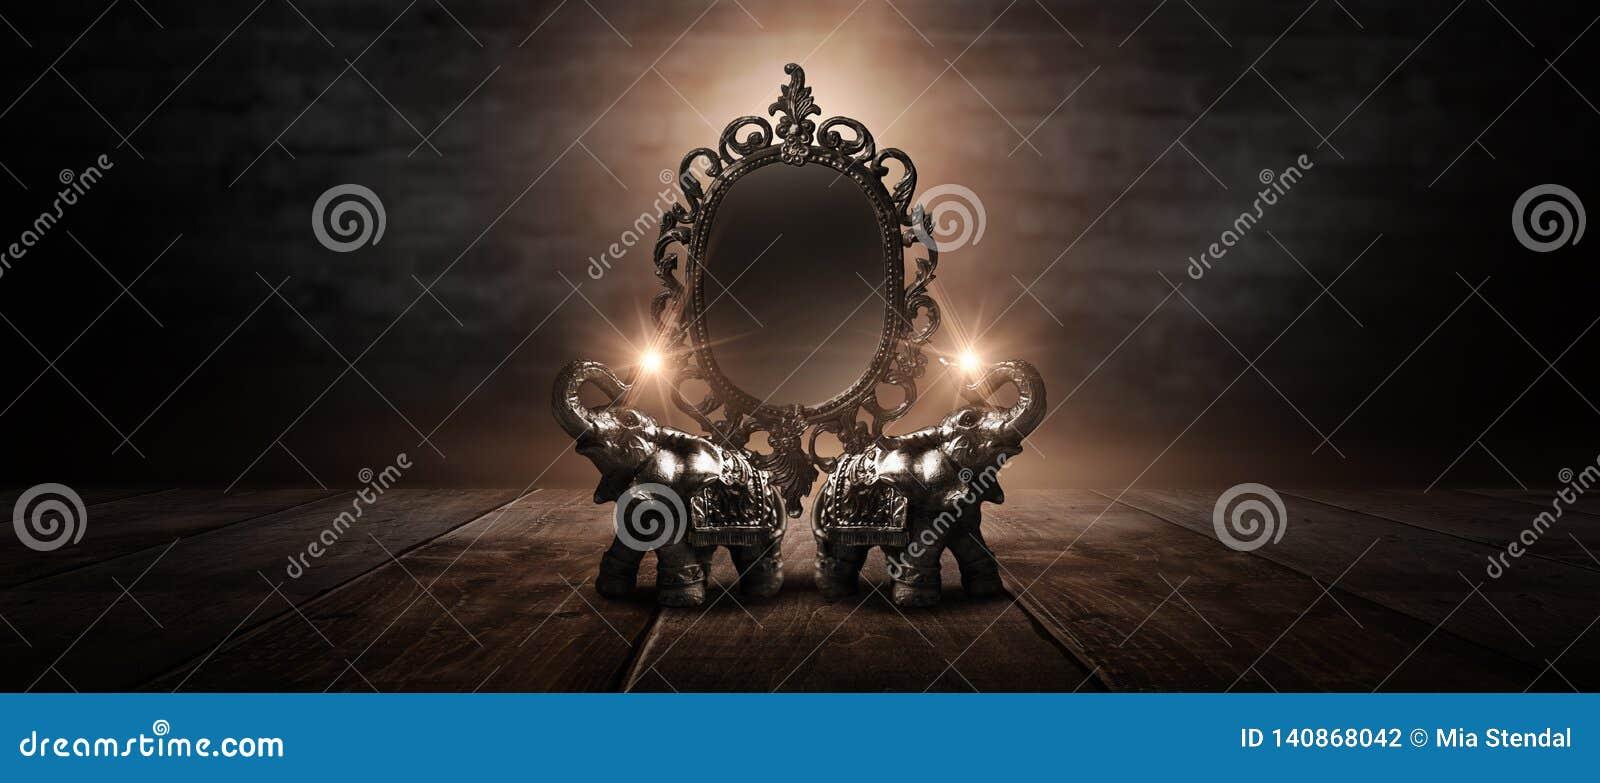 Отразите говорить волшебных, удачи и выполнение желаний Золотой слон на деревянном столе